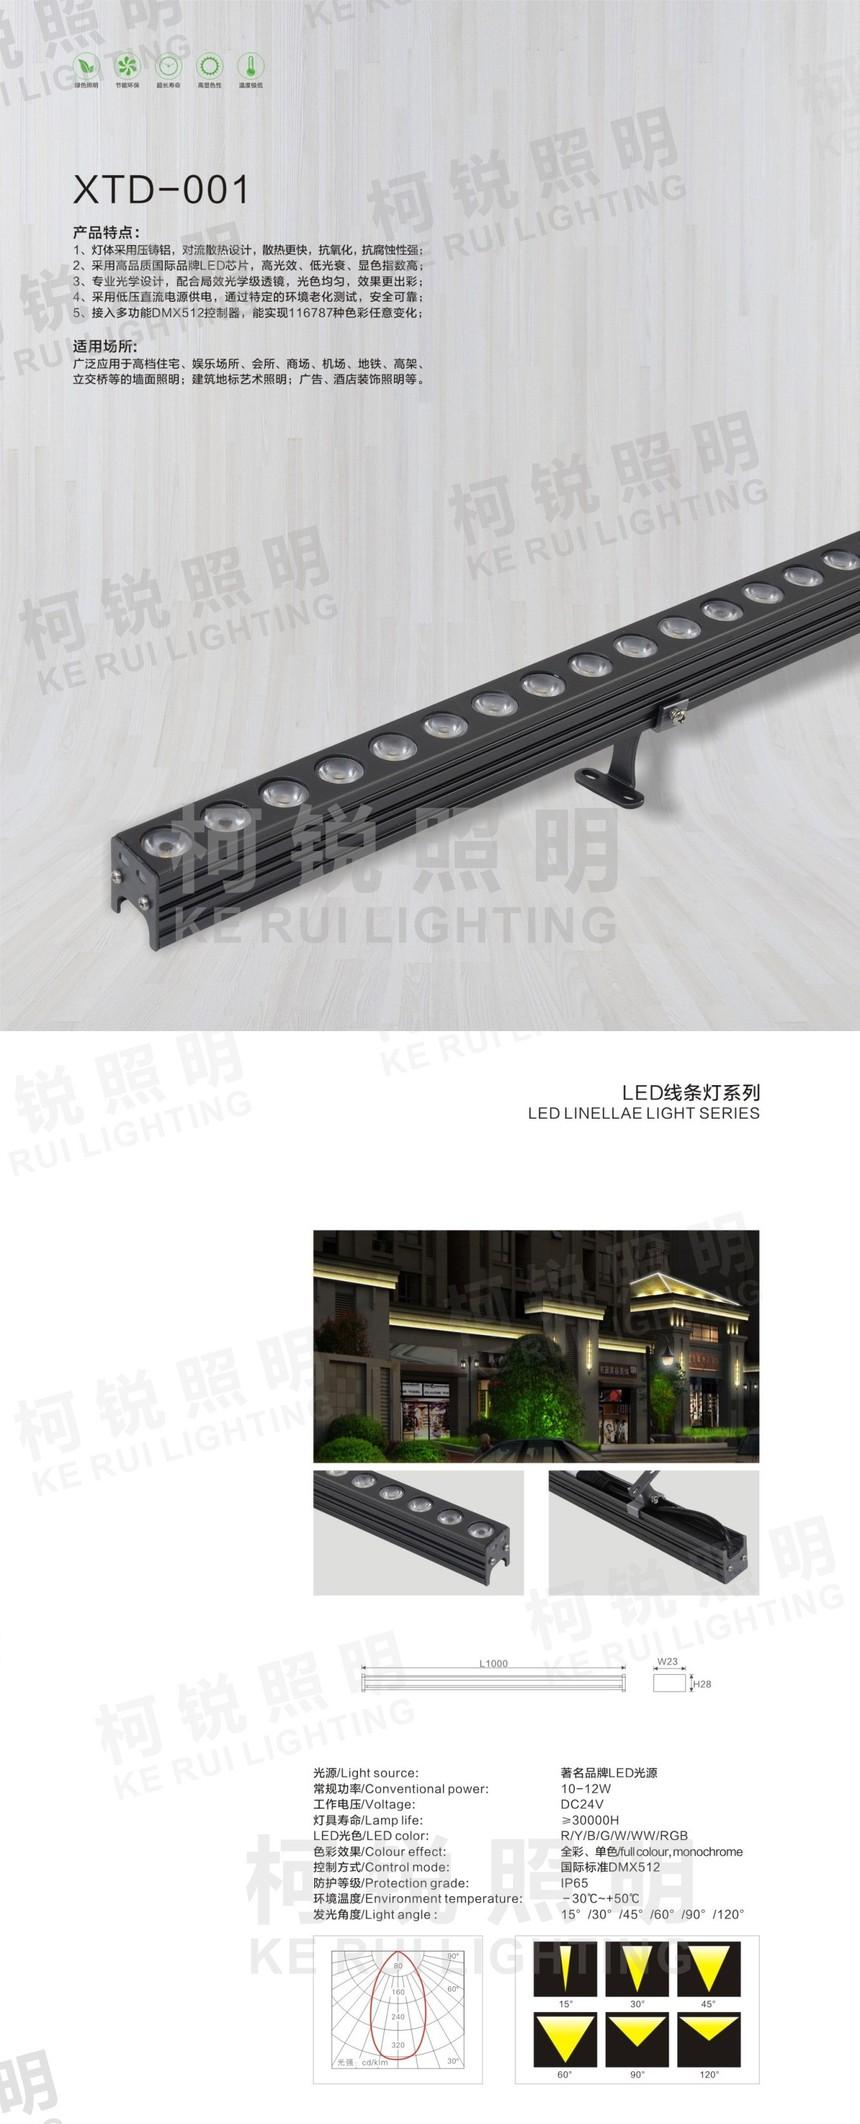 线条灯-001 - 副本.jpg